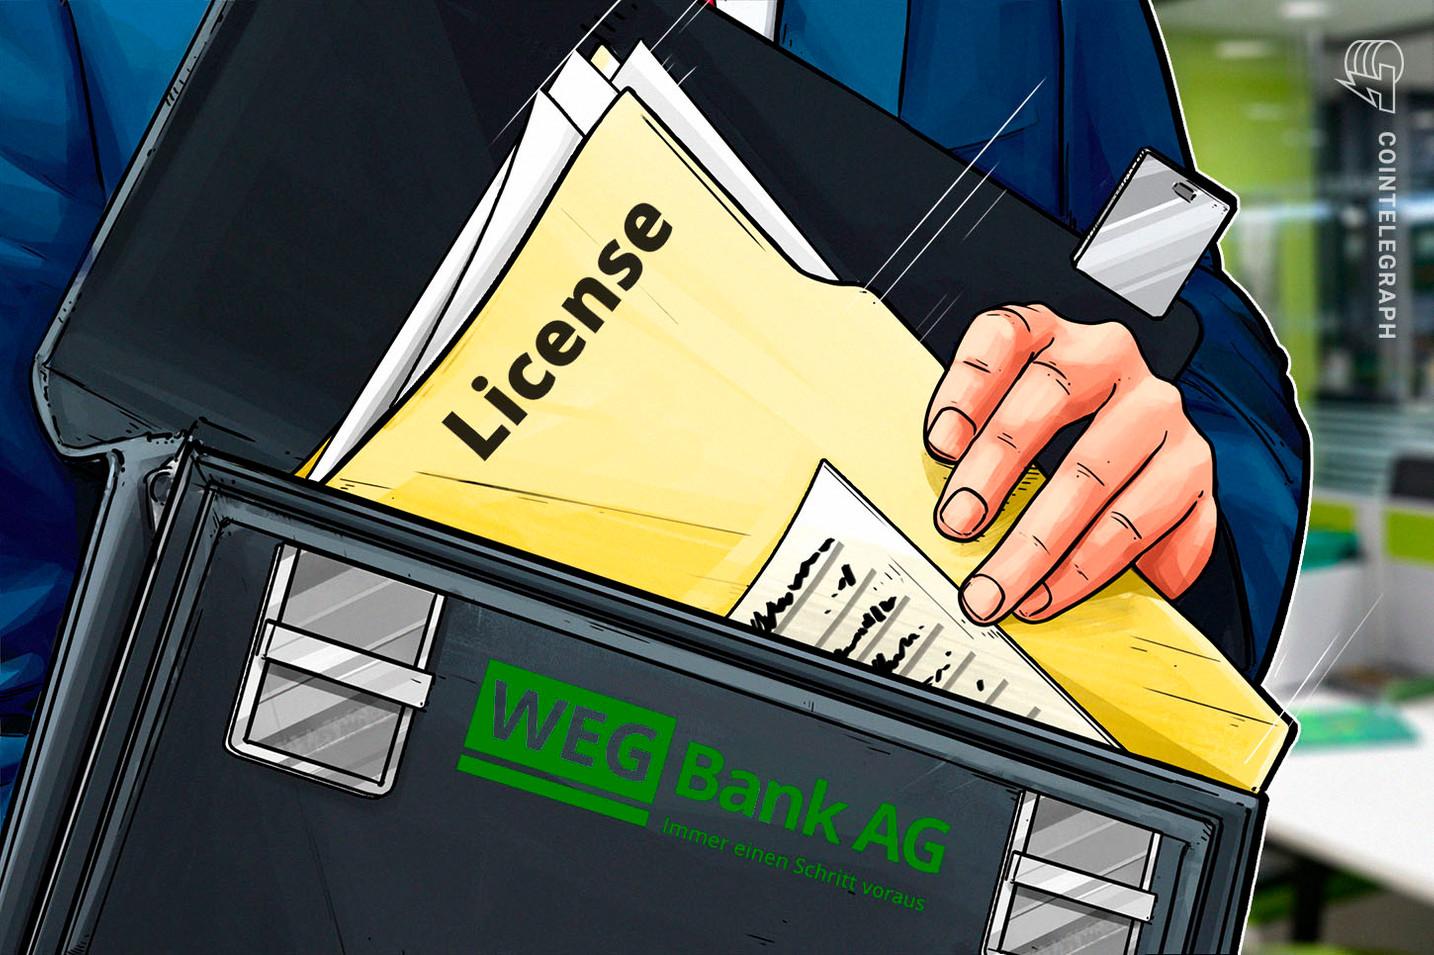 Estland: Kryptohandels- und Depotlizenz für WEG Bank